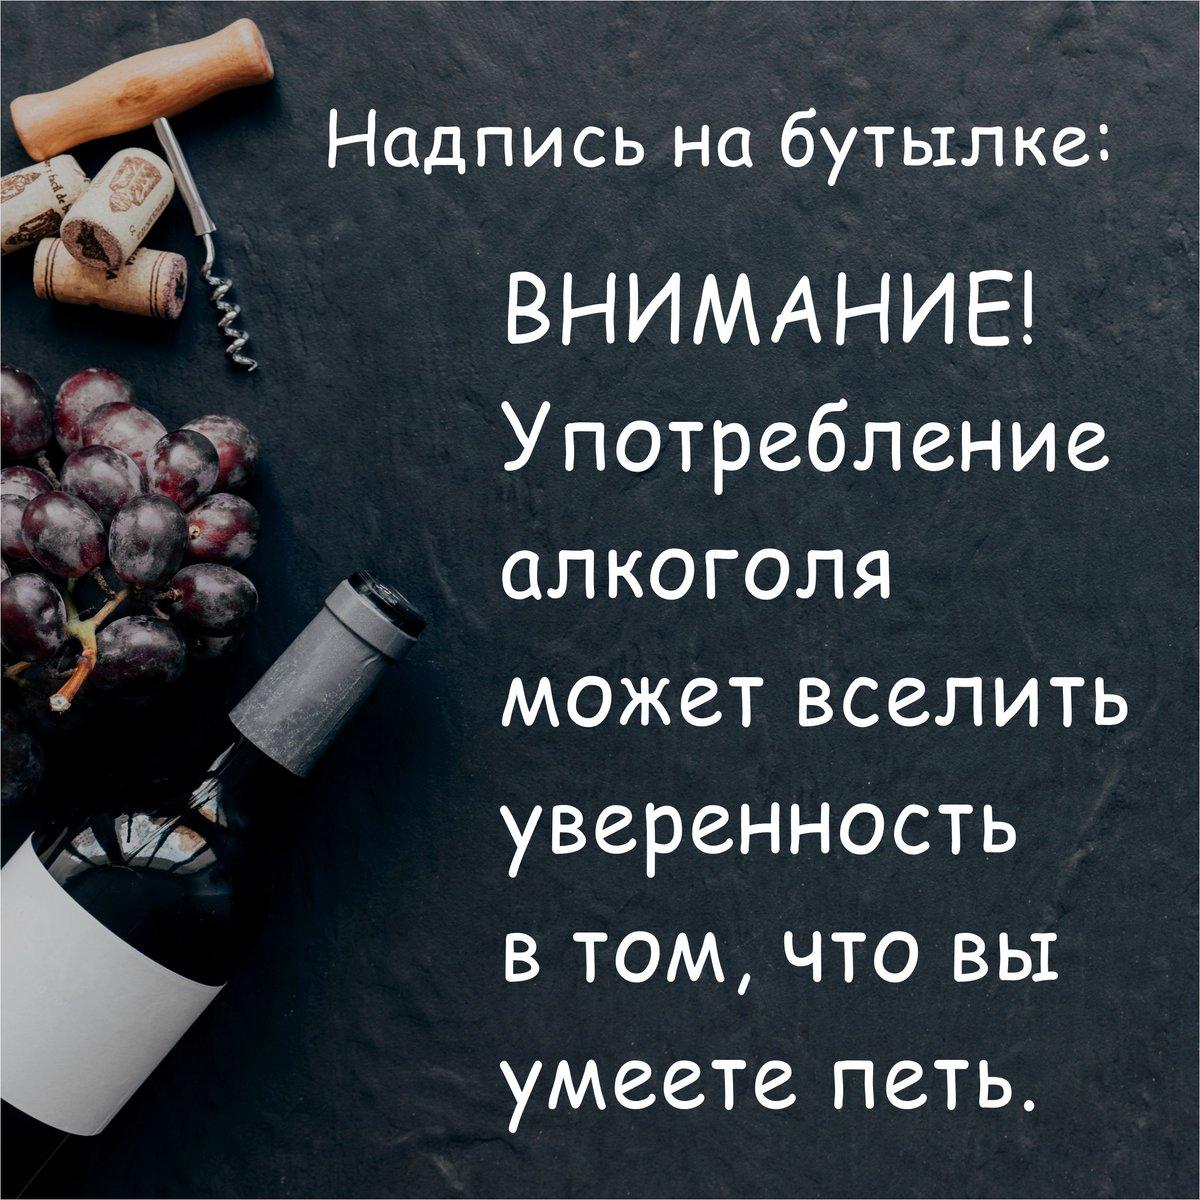 Открытки про выпивку